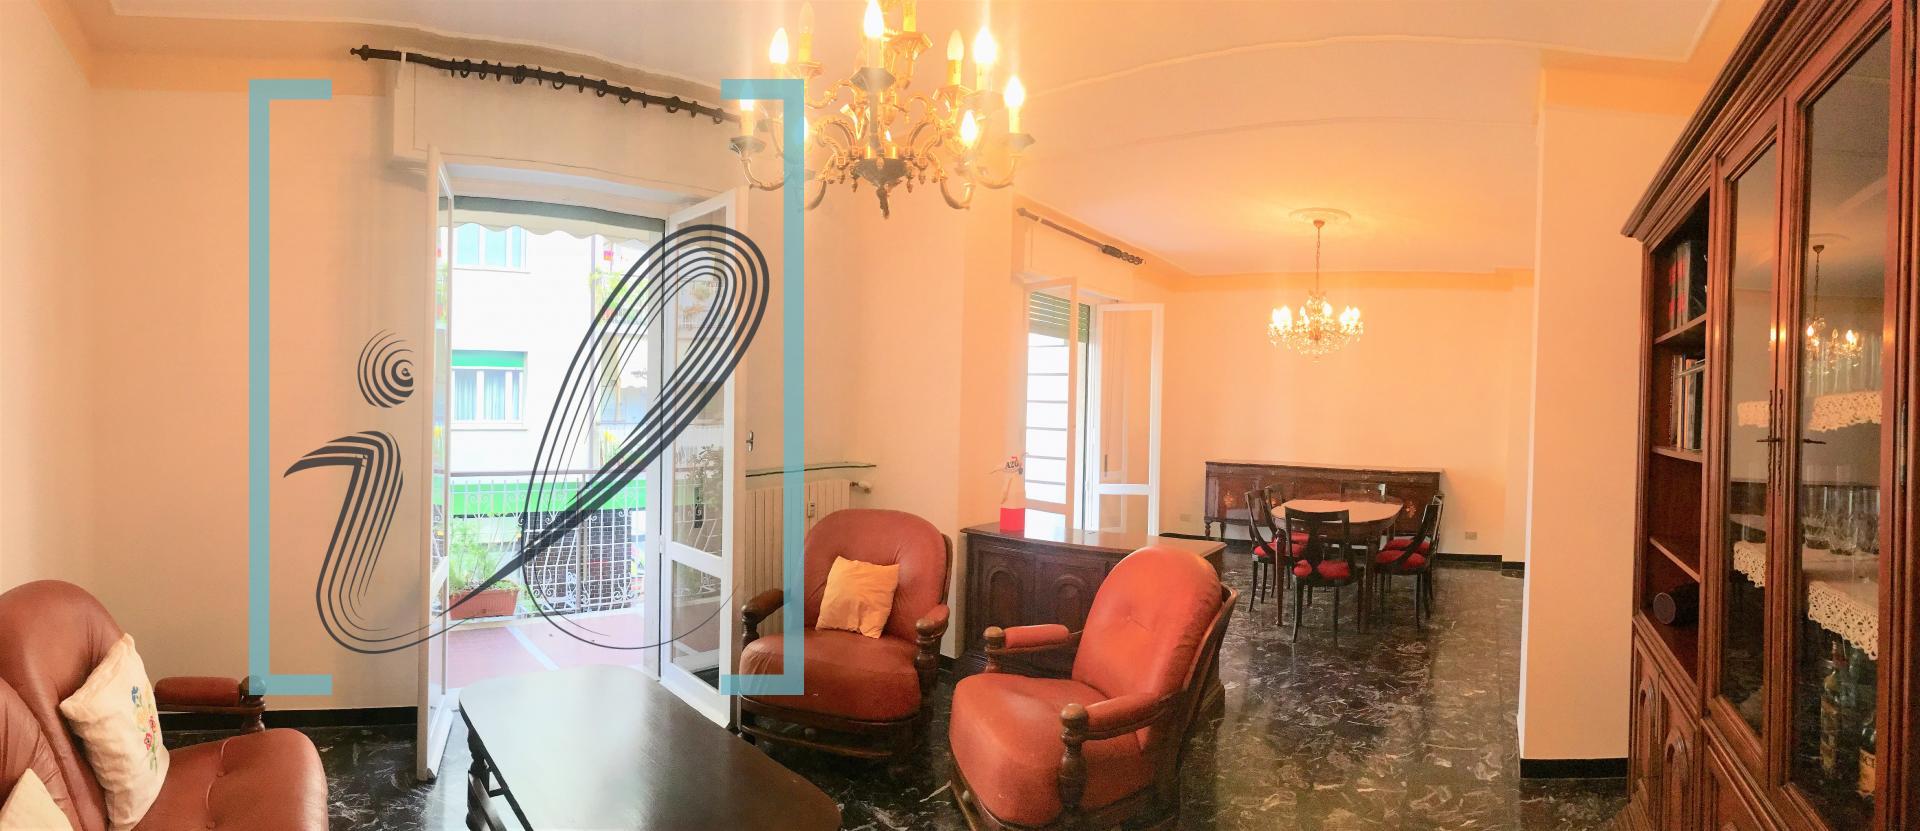 Appartamento in vendita a Albenga, 4 locali, prezzo € 235.000 | CambioCasa.it